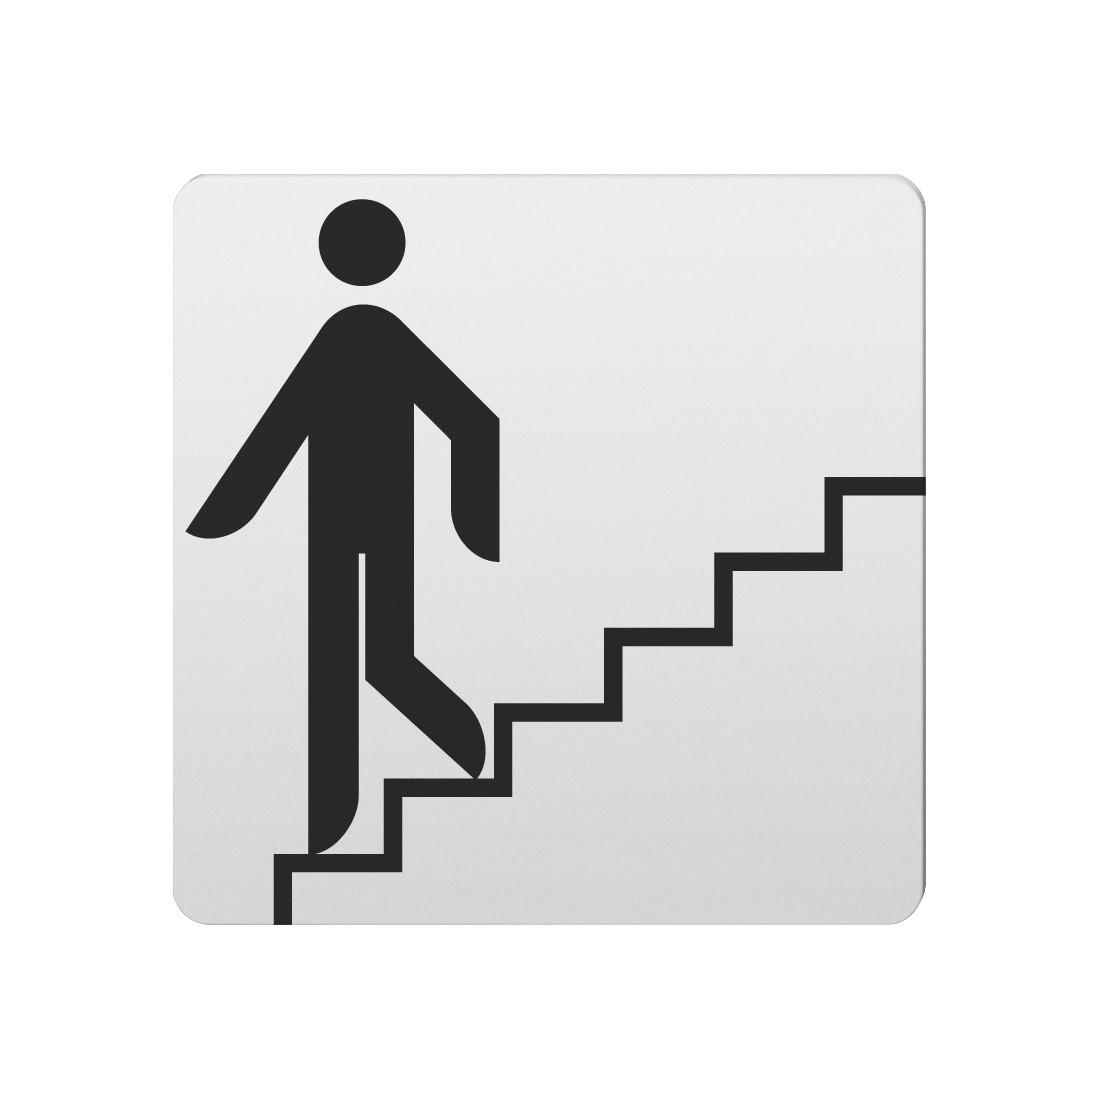 FSB Hinweiszeichen Treppe n.unten Lasergraviert Aluminium naturfarbig (0 36 4059 00013 0105)